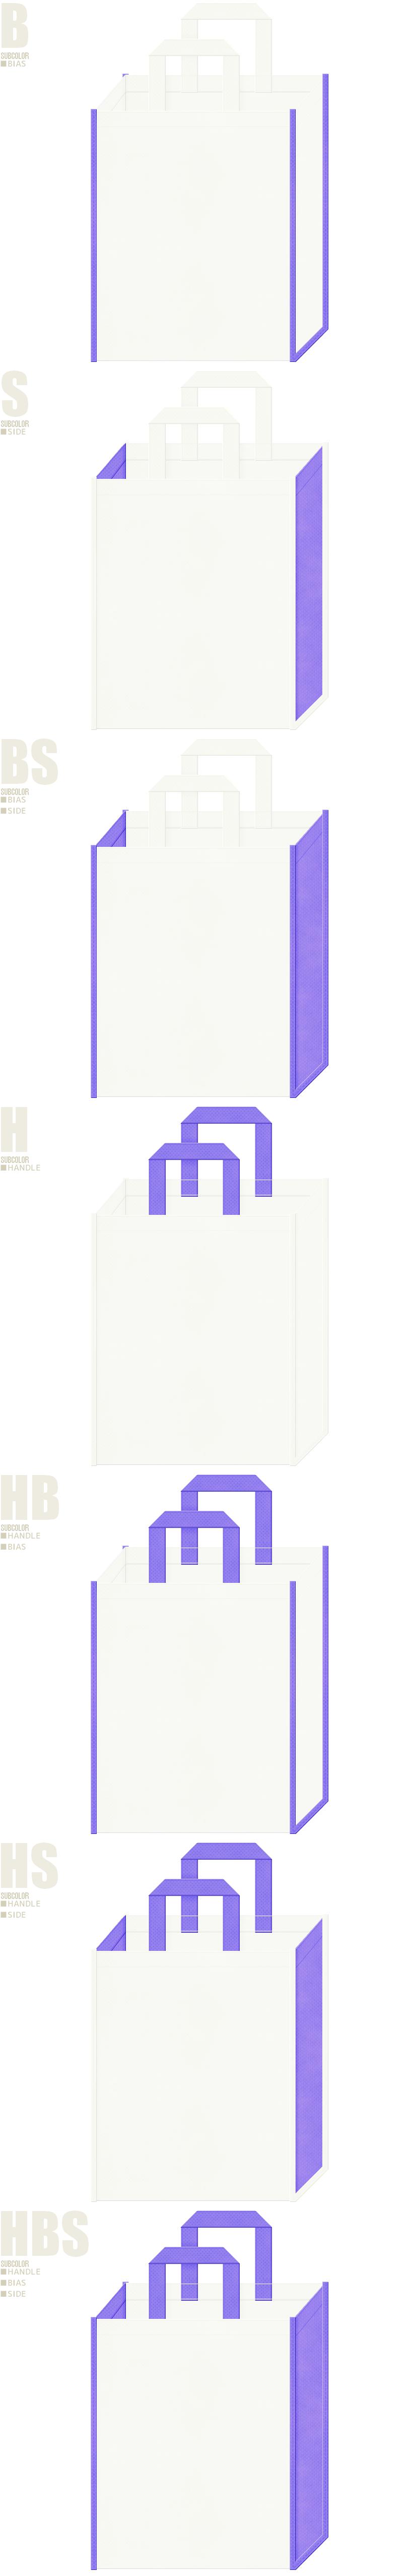 保育・福祉・介護・衛生用品・医療施設・デンタルケア・理容・美容・ヘアケア・ウィッグ・石鹸・洗剤・バス用品・ジュエリー・パール・スター・天の川・ユニコーン・スワン・バレエ・楽団・ガーリーデザイン・パステルカラーの展示会用バッグにお奨めの不織布バッグデザイン:オフホワイト色と薄紫色の不織布バッグ配色7パターン